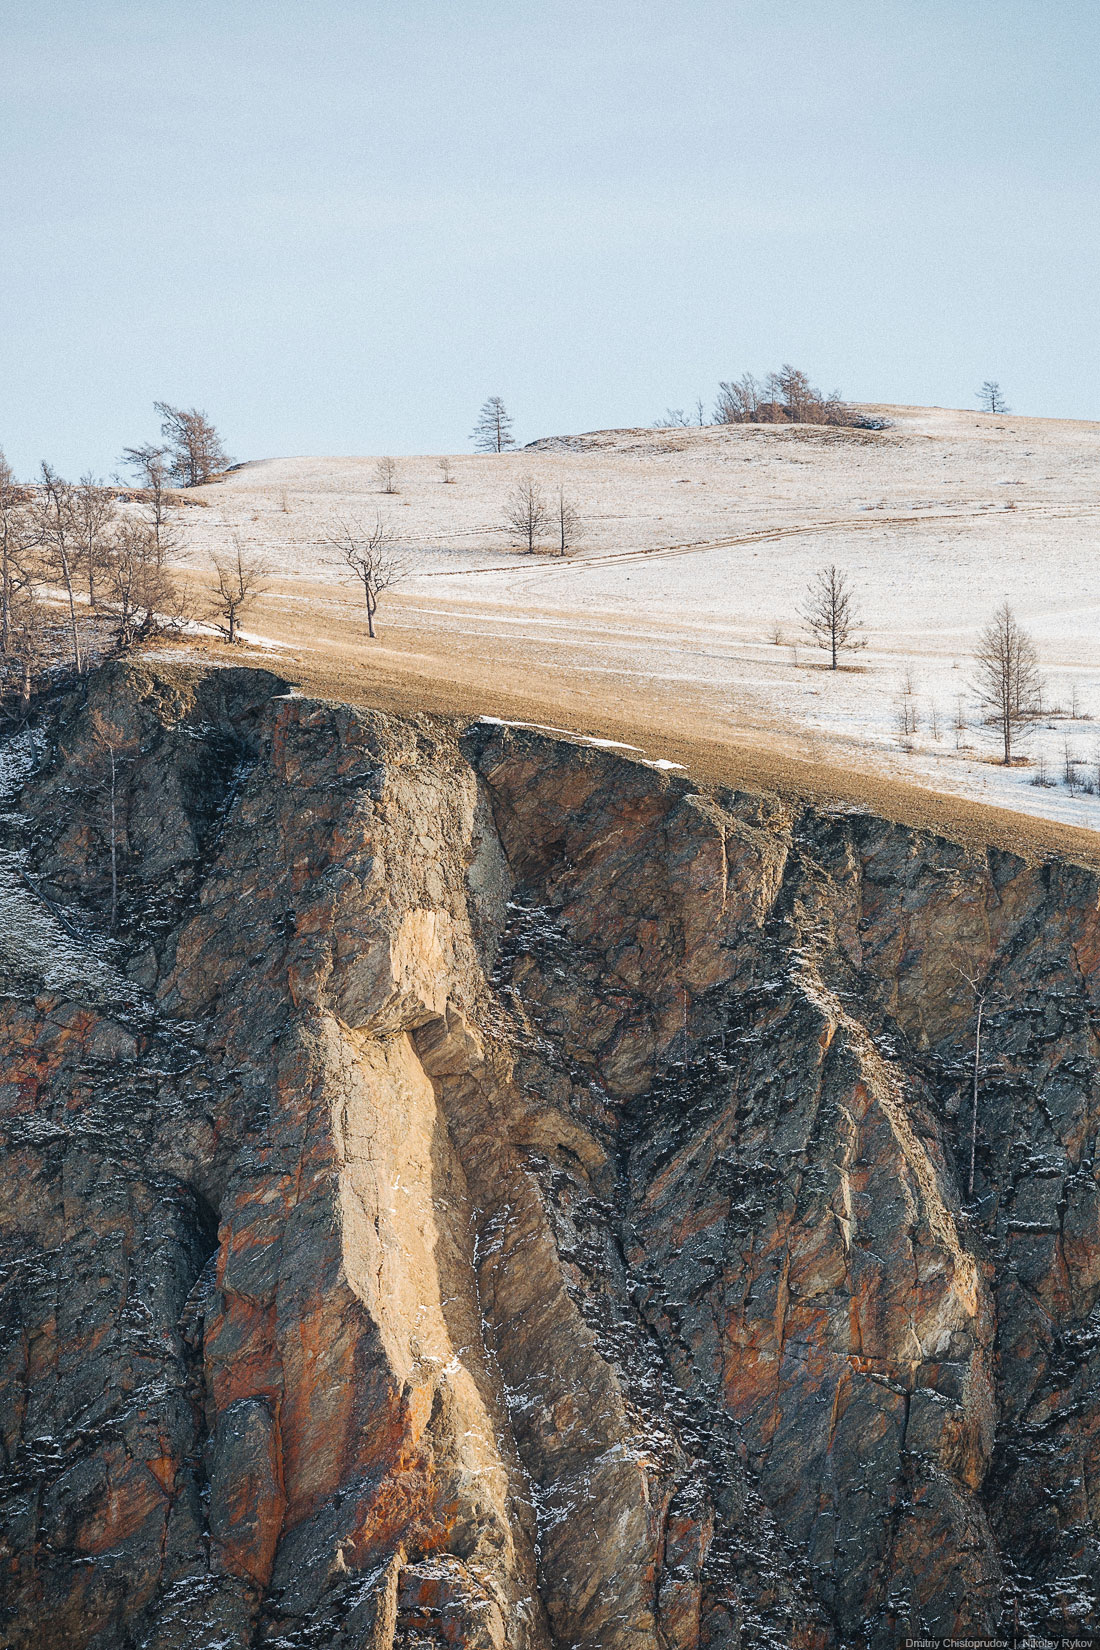 Путешествие по Байкалу на Шевроле Круз